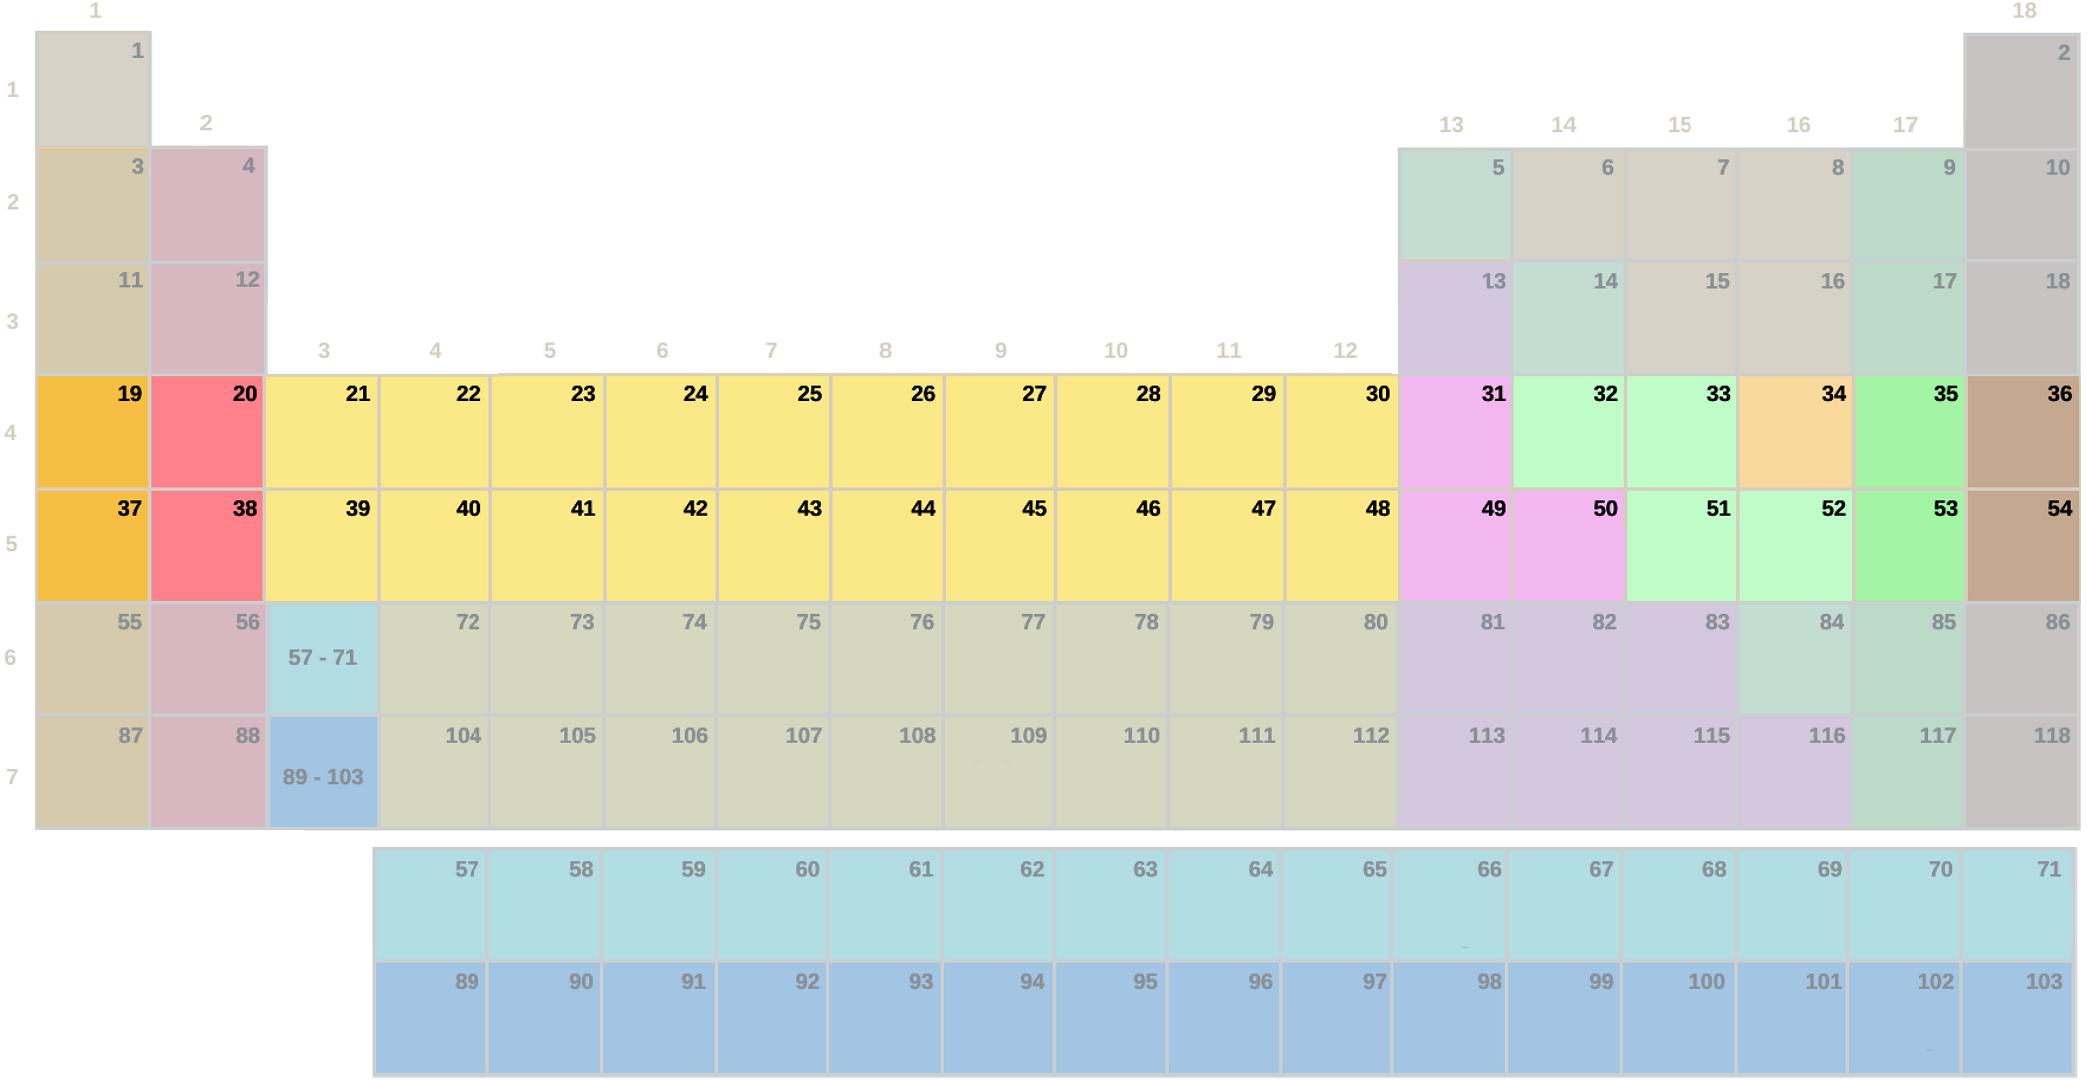 Tabela periódica, período 4 e 5 sem símbolos (difícil)